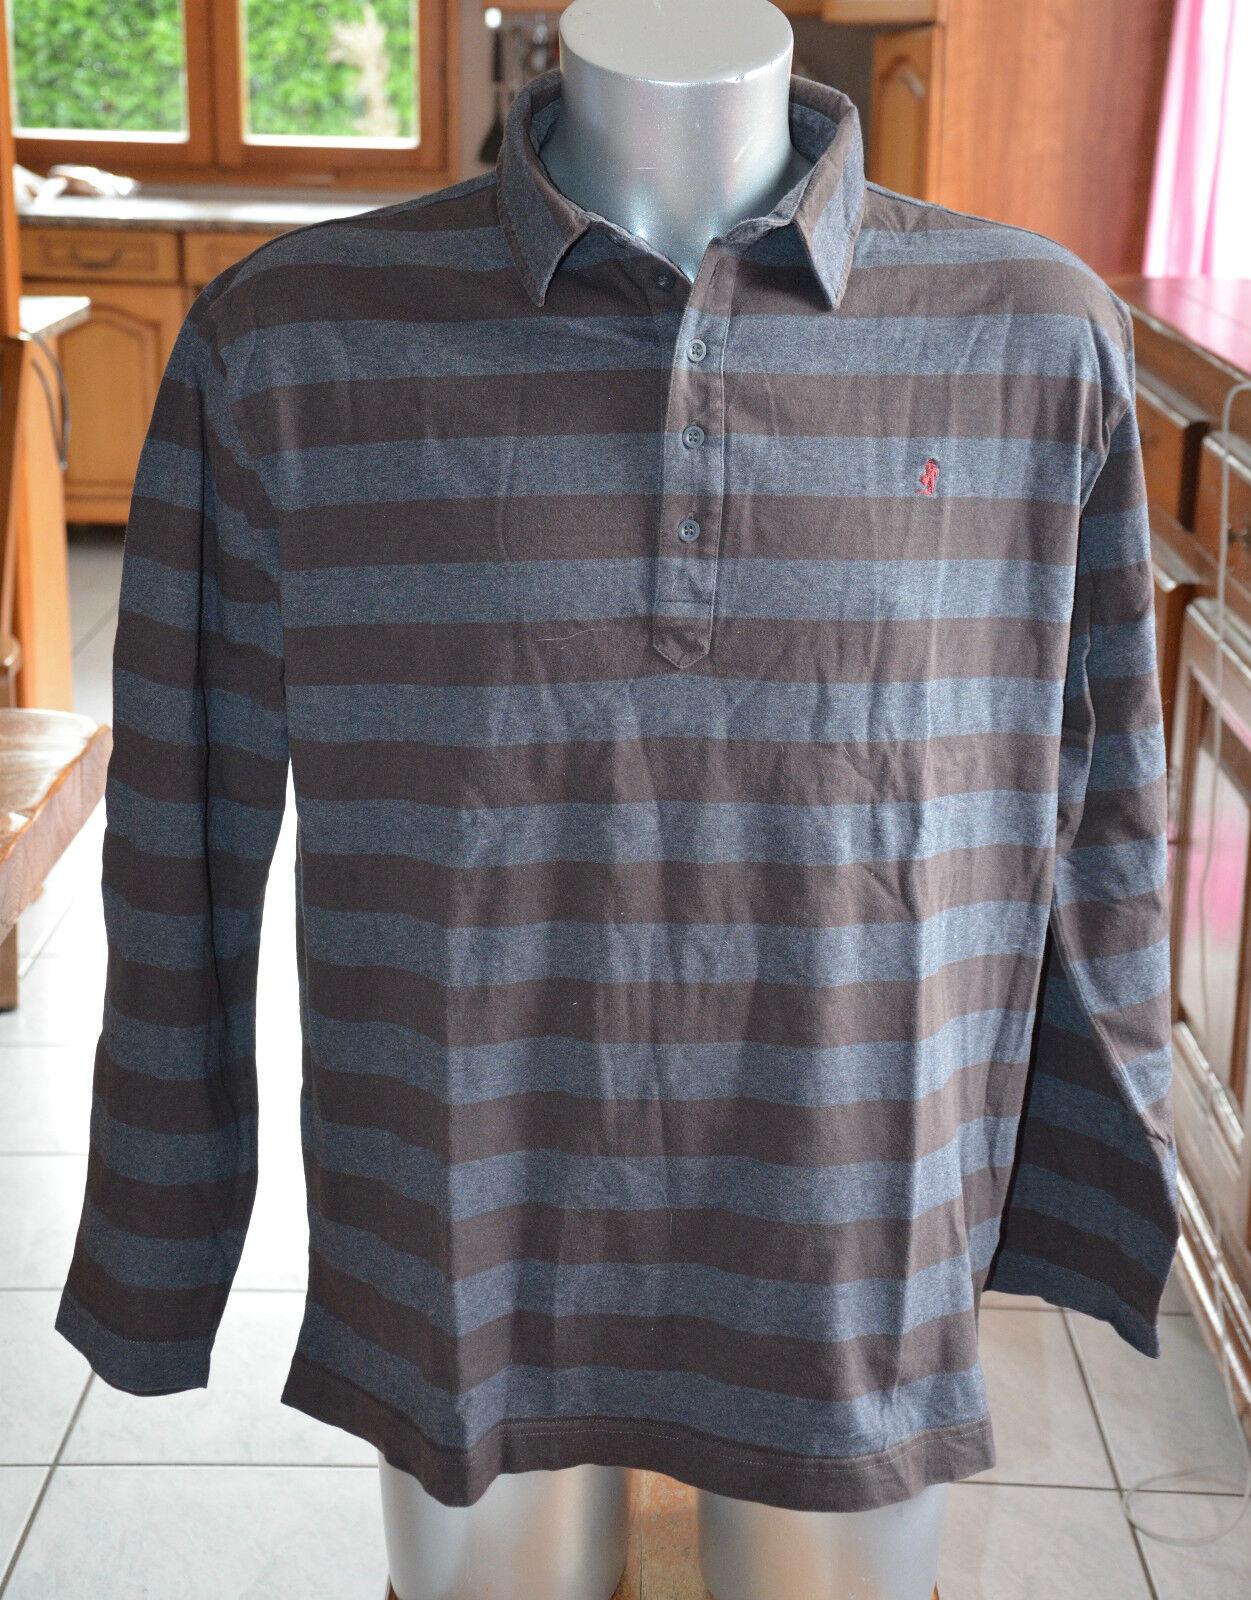 MARLBoro CLASSICS CLASSICS CLASSICS Molto carino maglia con cappuccio da uomo Marroneee e grigio d3cf63